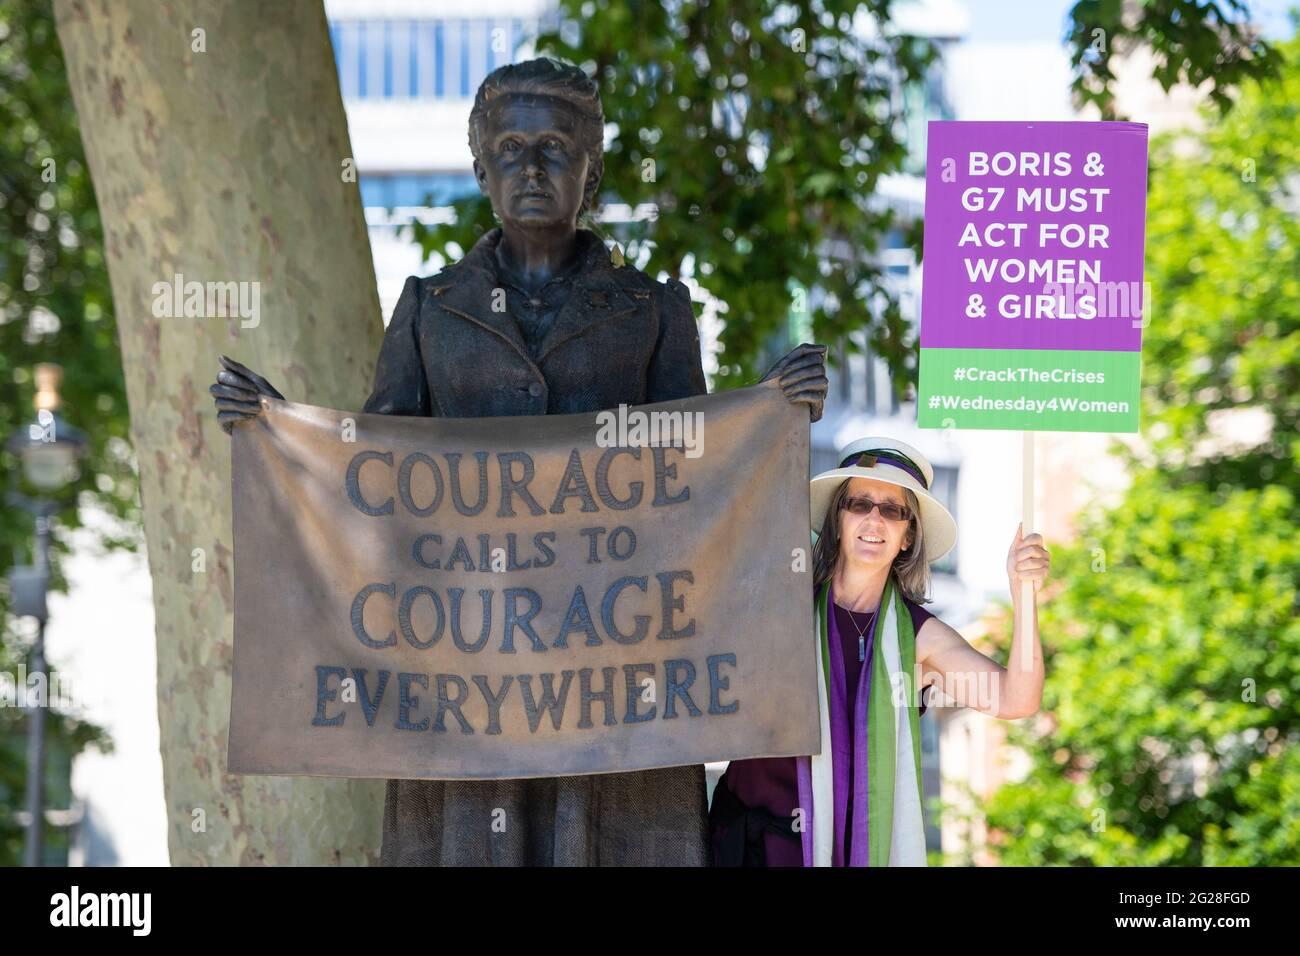 Helen Pankhurst mit der Statue der Frauenrechtlerin Millicent Fawcett auf dem Parliament Square, London, bevor sie sich einer Gruppe von Frauenrechtlerinnen anschloss, einen öffentlichen Brief an die 10 Downing Street im Rahmen eines Mittwoch4Women Day of Action zu überbringen, Fordert die britische Regierung auf, den Rückschlag der Gleichstellung der Geschlechter um eine Generation vor dem G7-Gipfel zu stoppen. Bilddatum: Mittwoch, 9. Juni 2021. Stockfoto